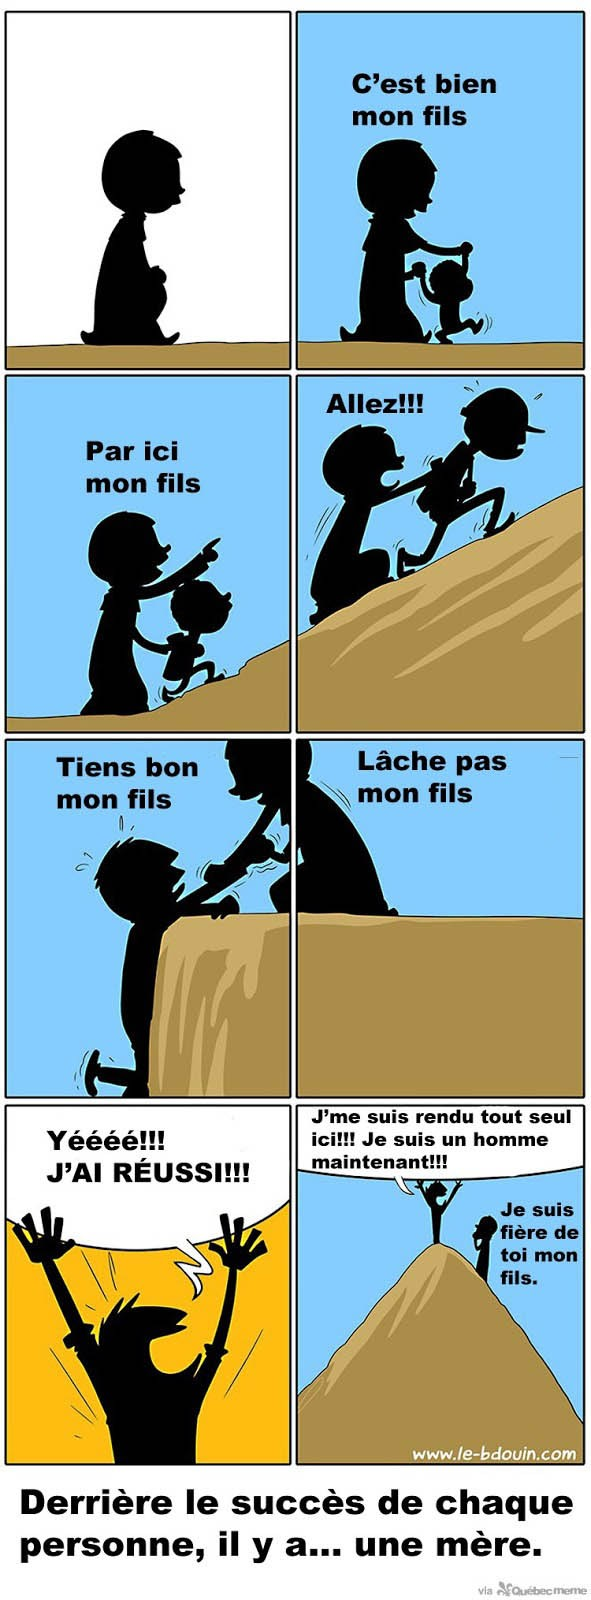 La mre, le fils et une histoire vraie - Le Parisien